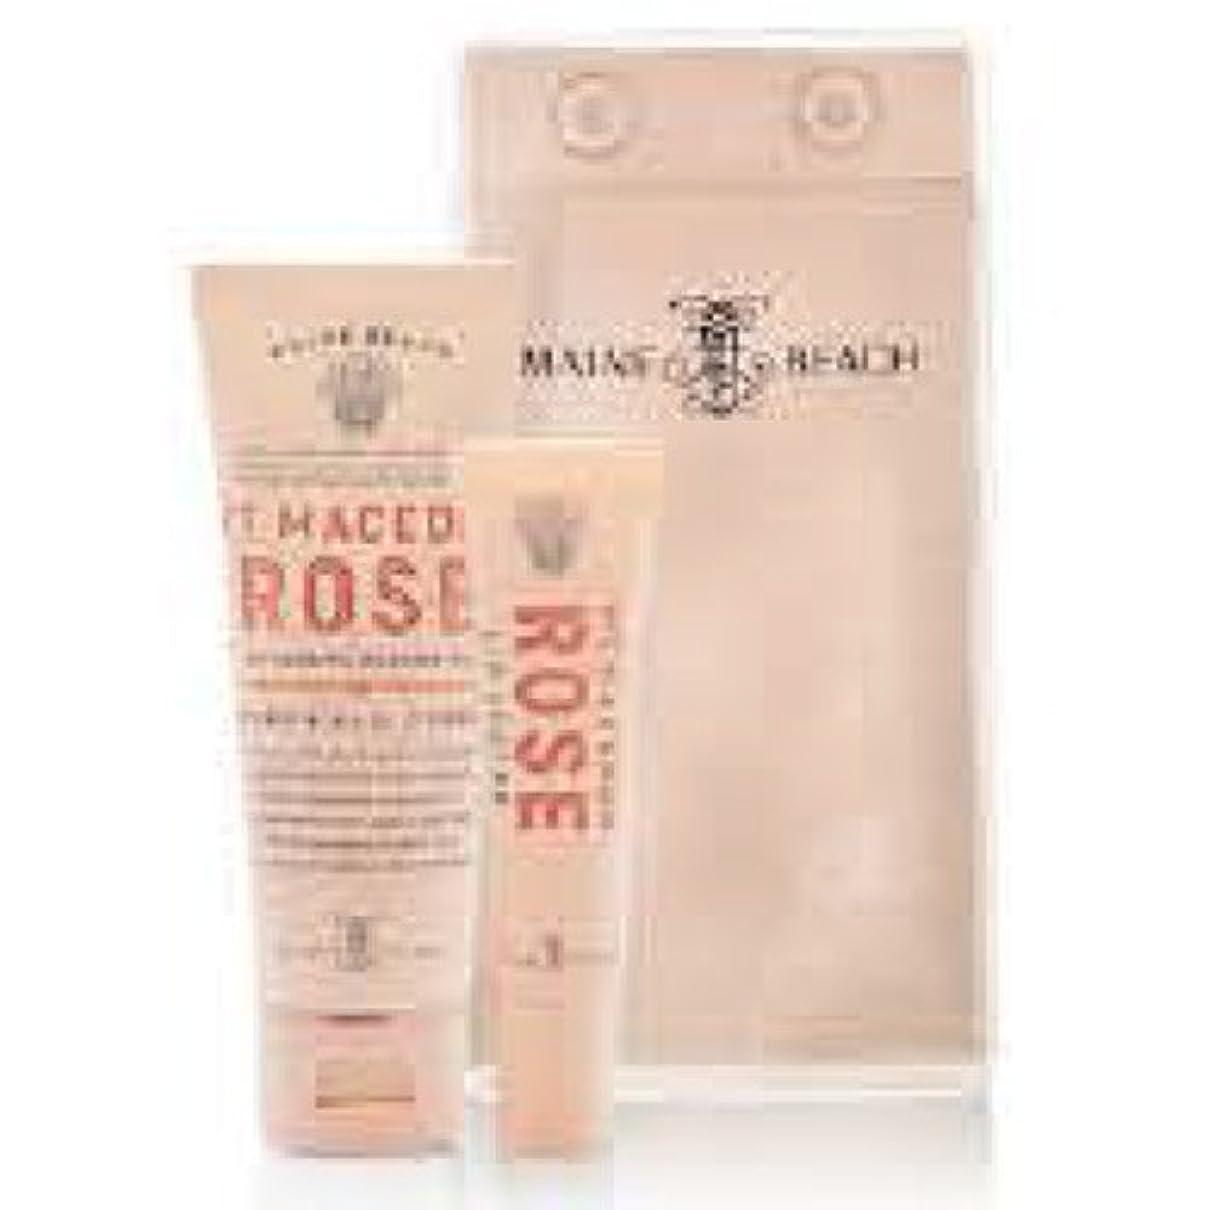 憧れ側面祖母MAINE BEACH マインビーチ MT MACEDON ROSE マウント マセドン ローズ Essentials DUO Pack